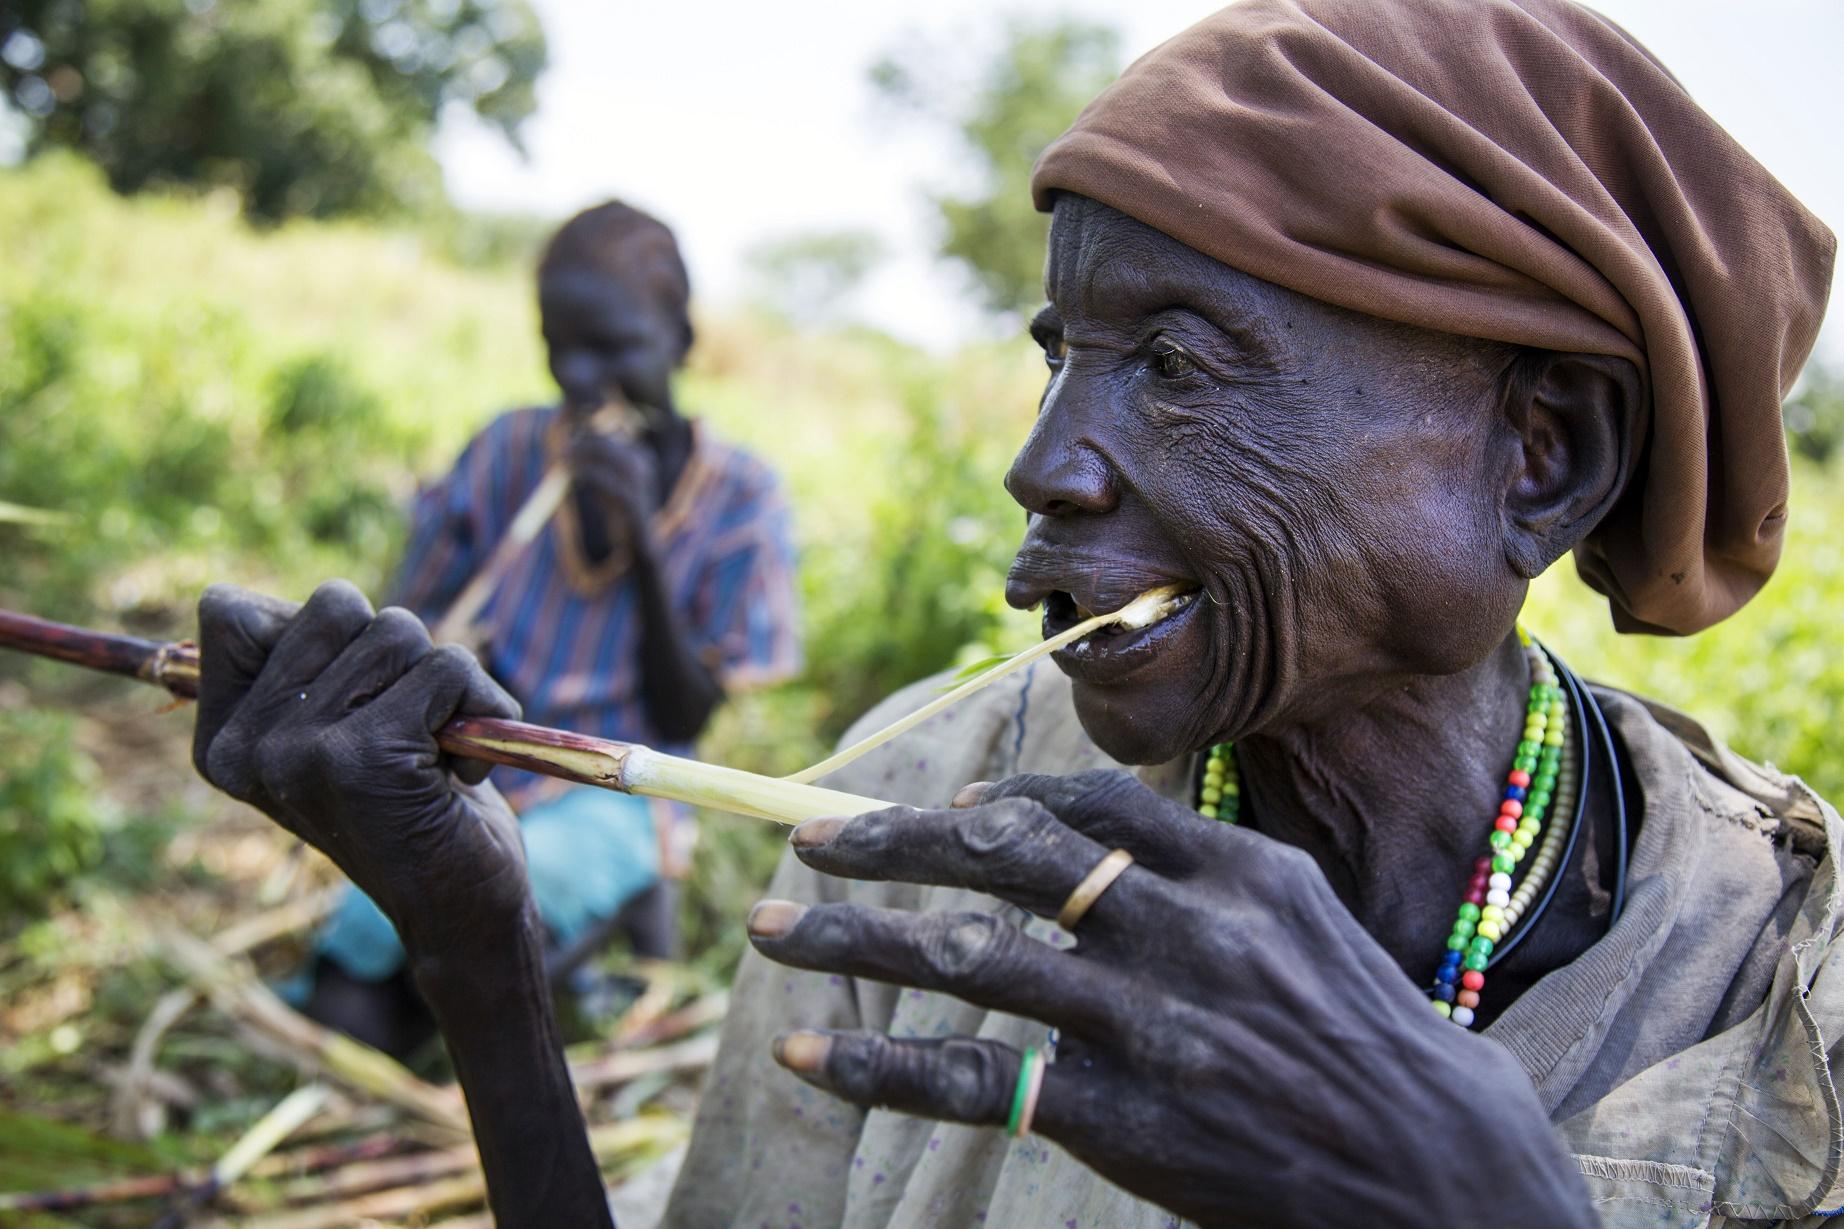 Cerca de um bilhão de pessoas passam fome hoje no mundo. A situação é mais grave na Índia e na África Subsaariana. Foto de Albert Gonzalez Farran/AFP